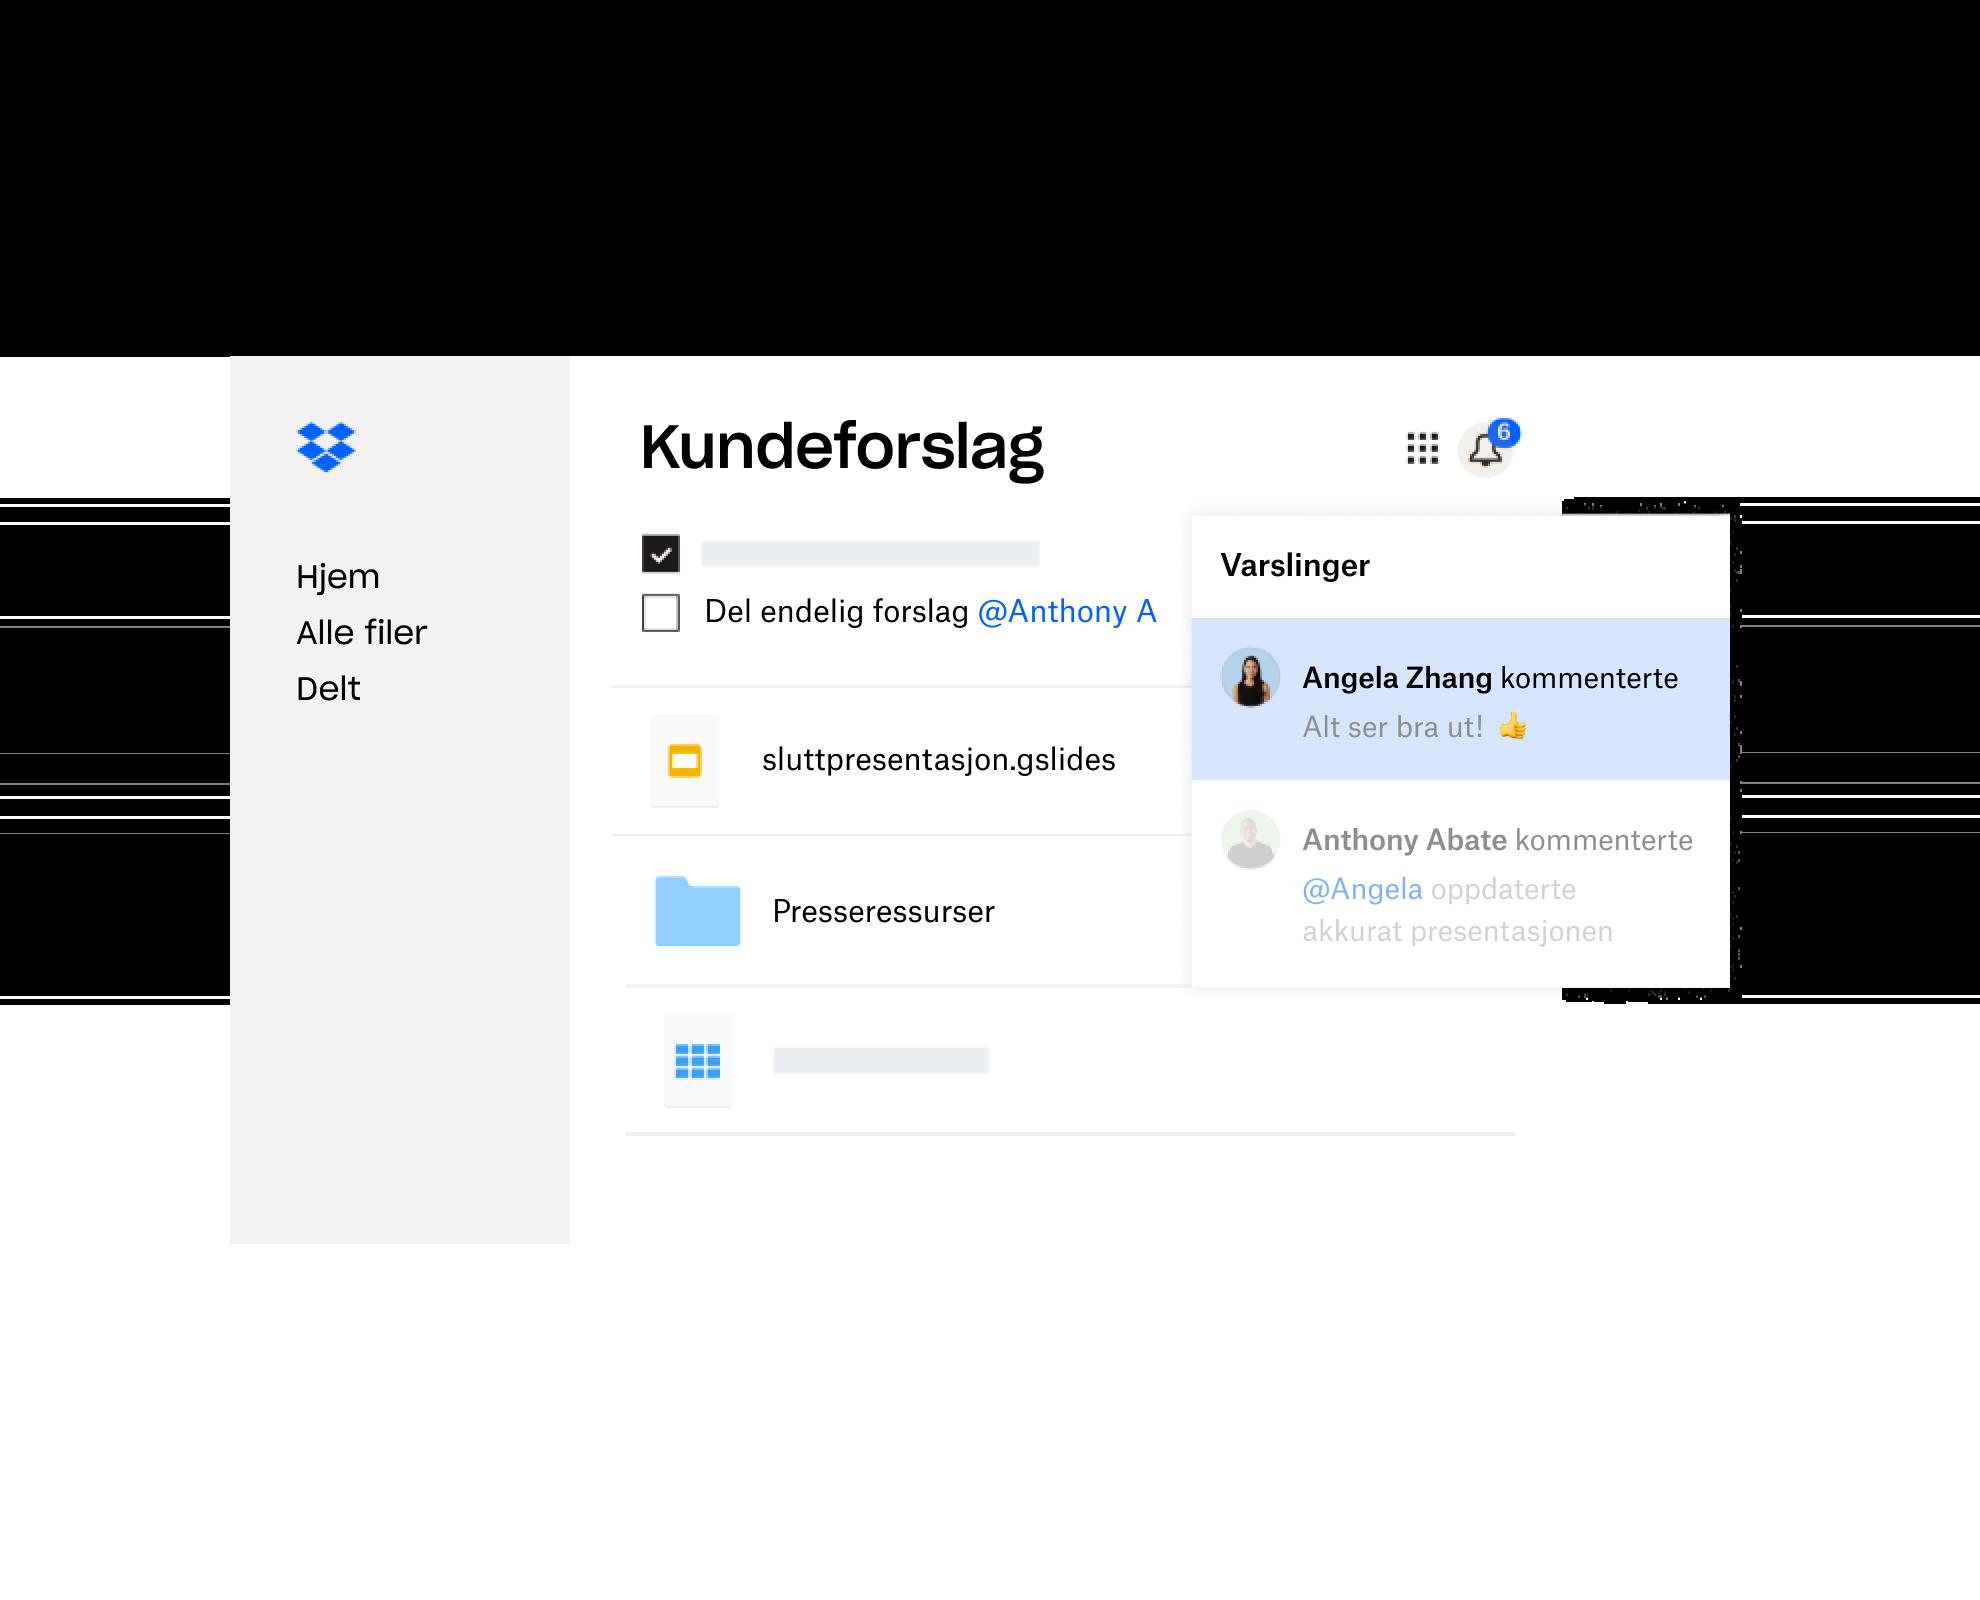 Et kundeforslag laget i Dropbox blir delt med flere brukere som har gitt tilbakemeldinger